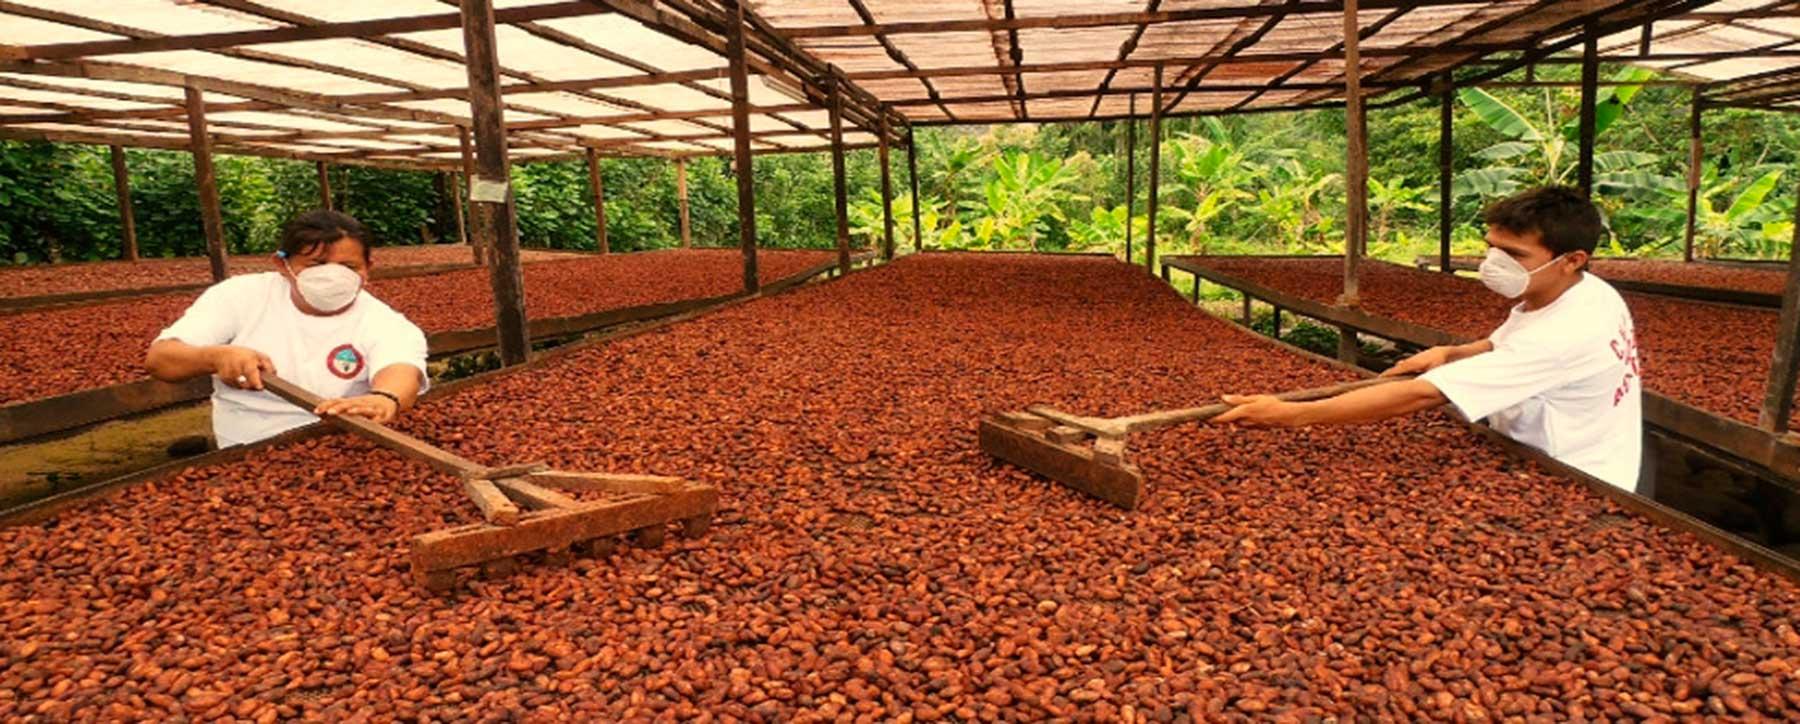 Concurso Cacao de Oro incentiva la producción de cacao tipo exportación en Santander | EL FRENTE